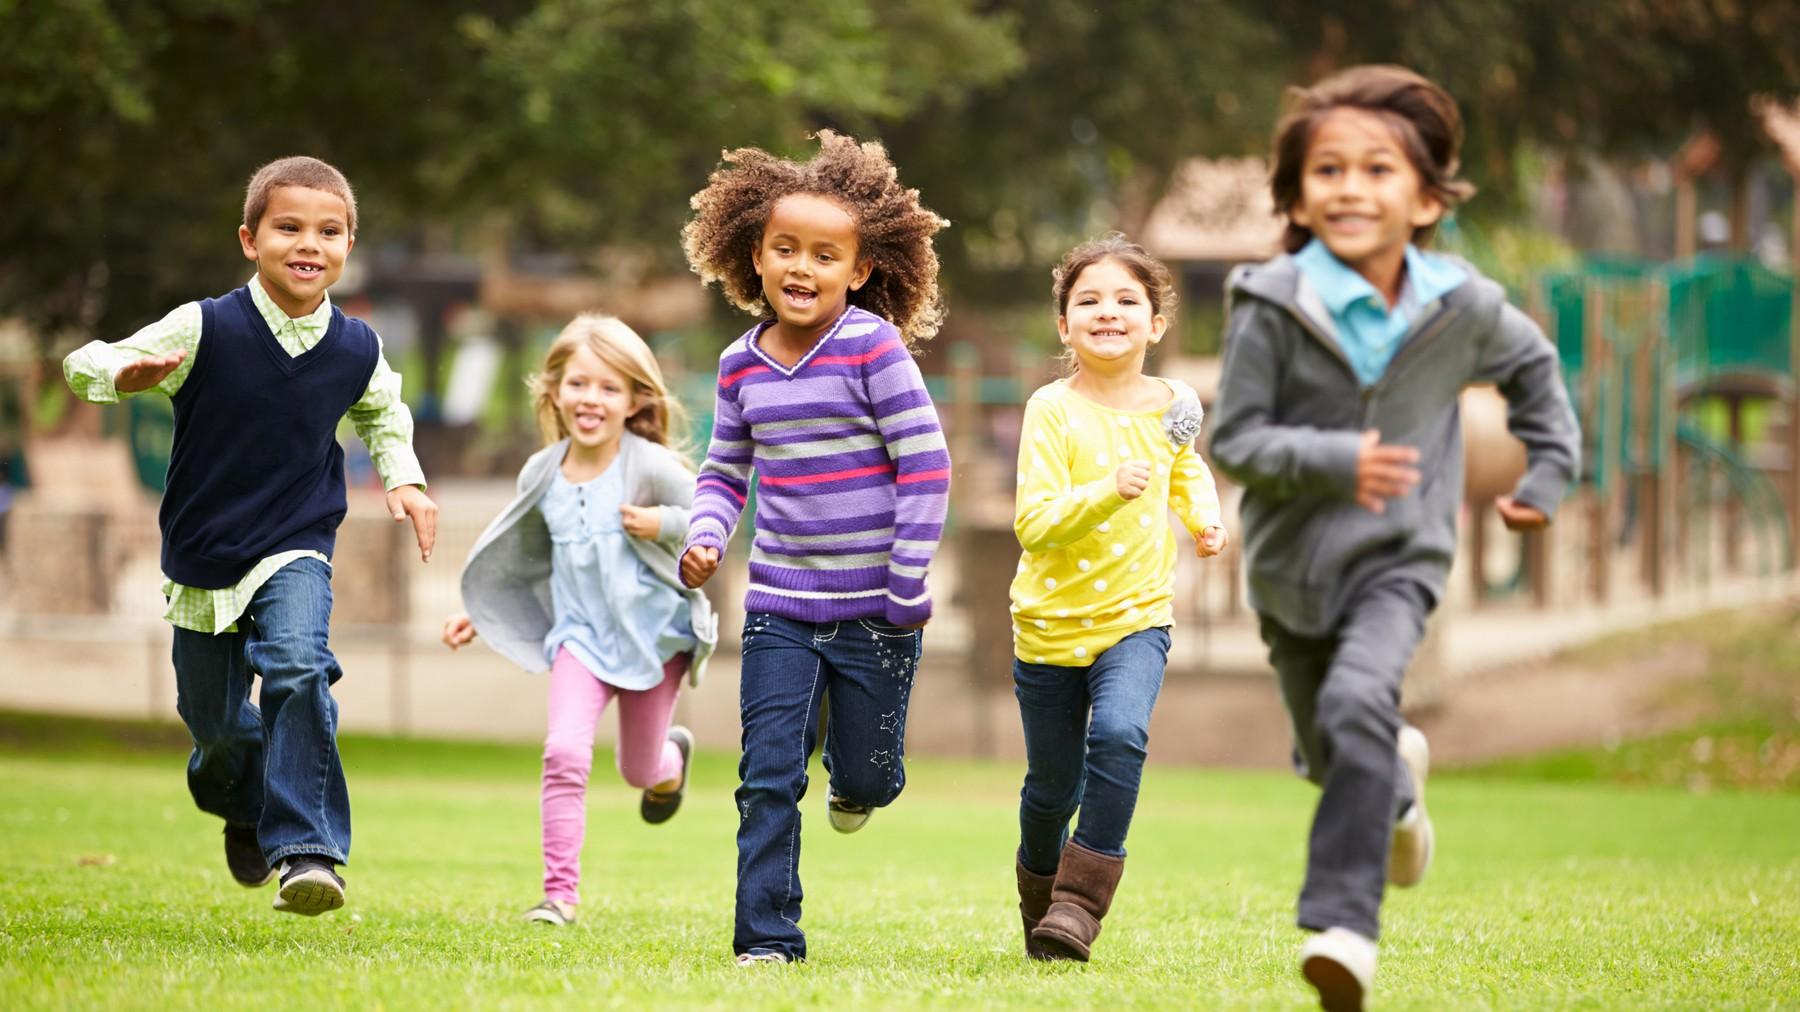 เด็กห้าคนกำลังวิ่งเล่นในสนามเด็กเล่น